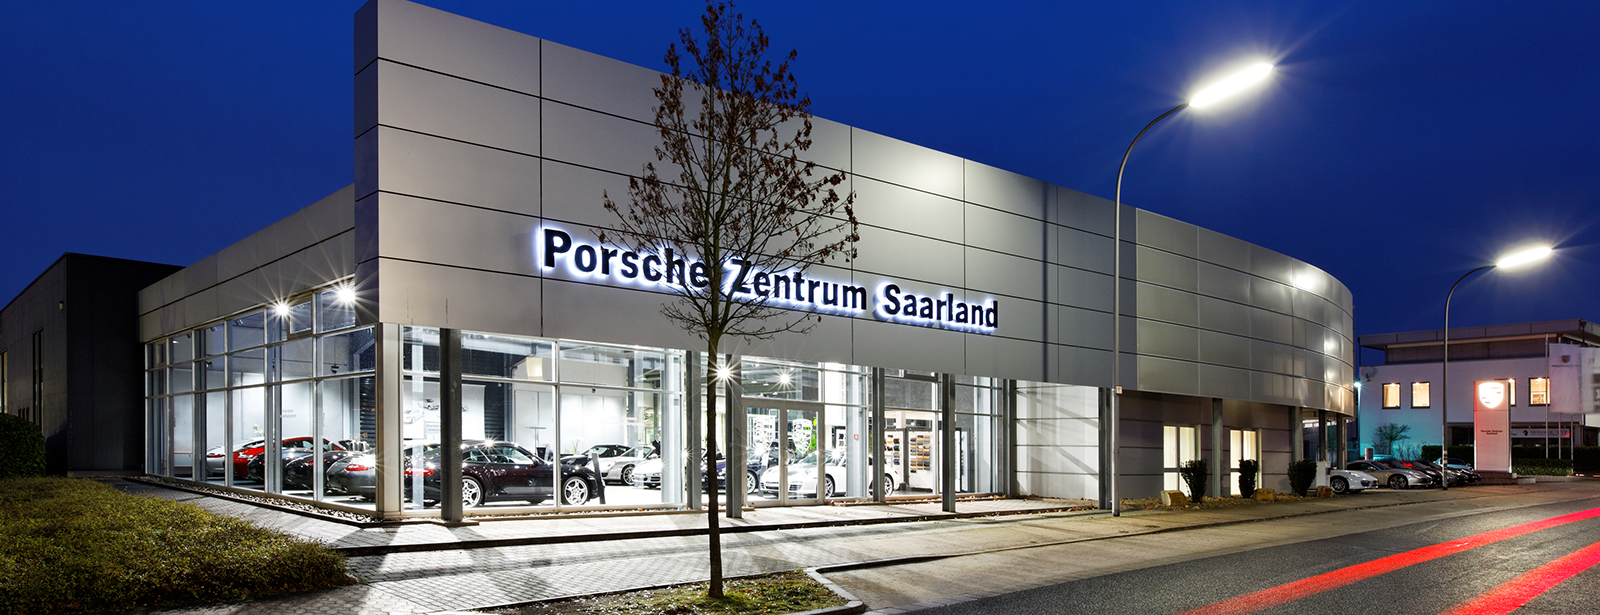 Le Centre Porsche de Saarland